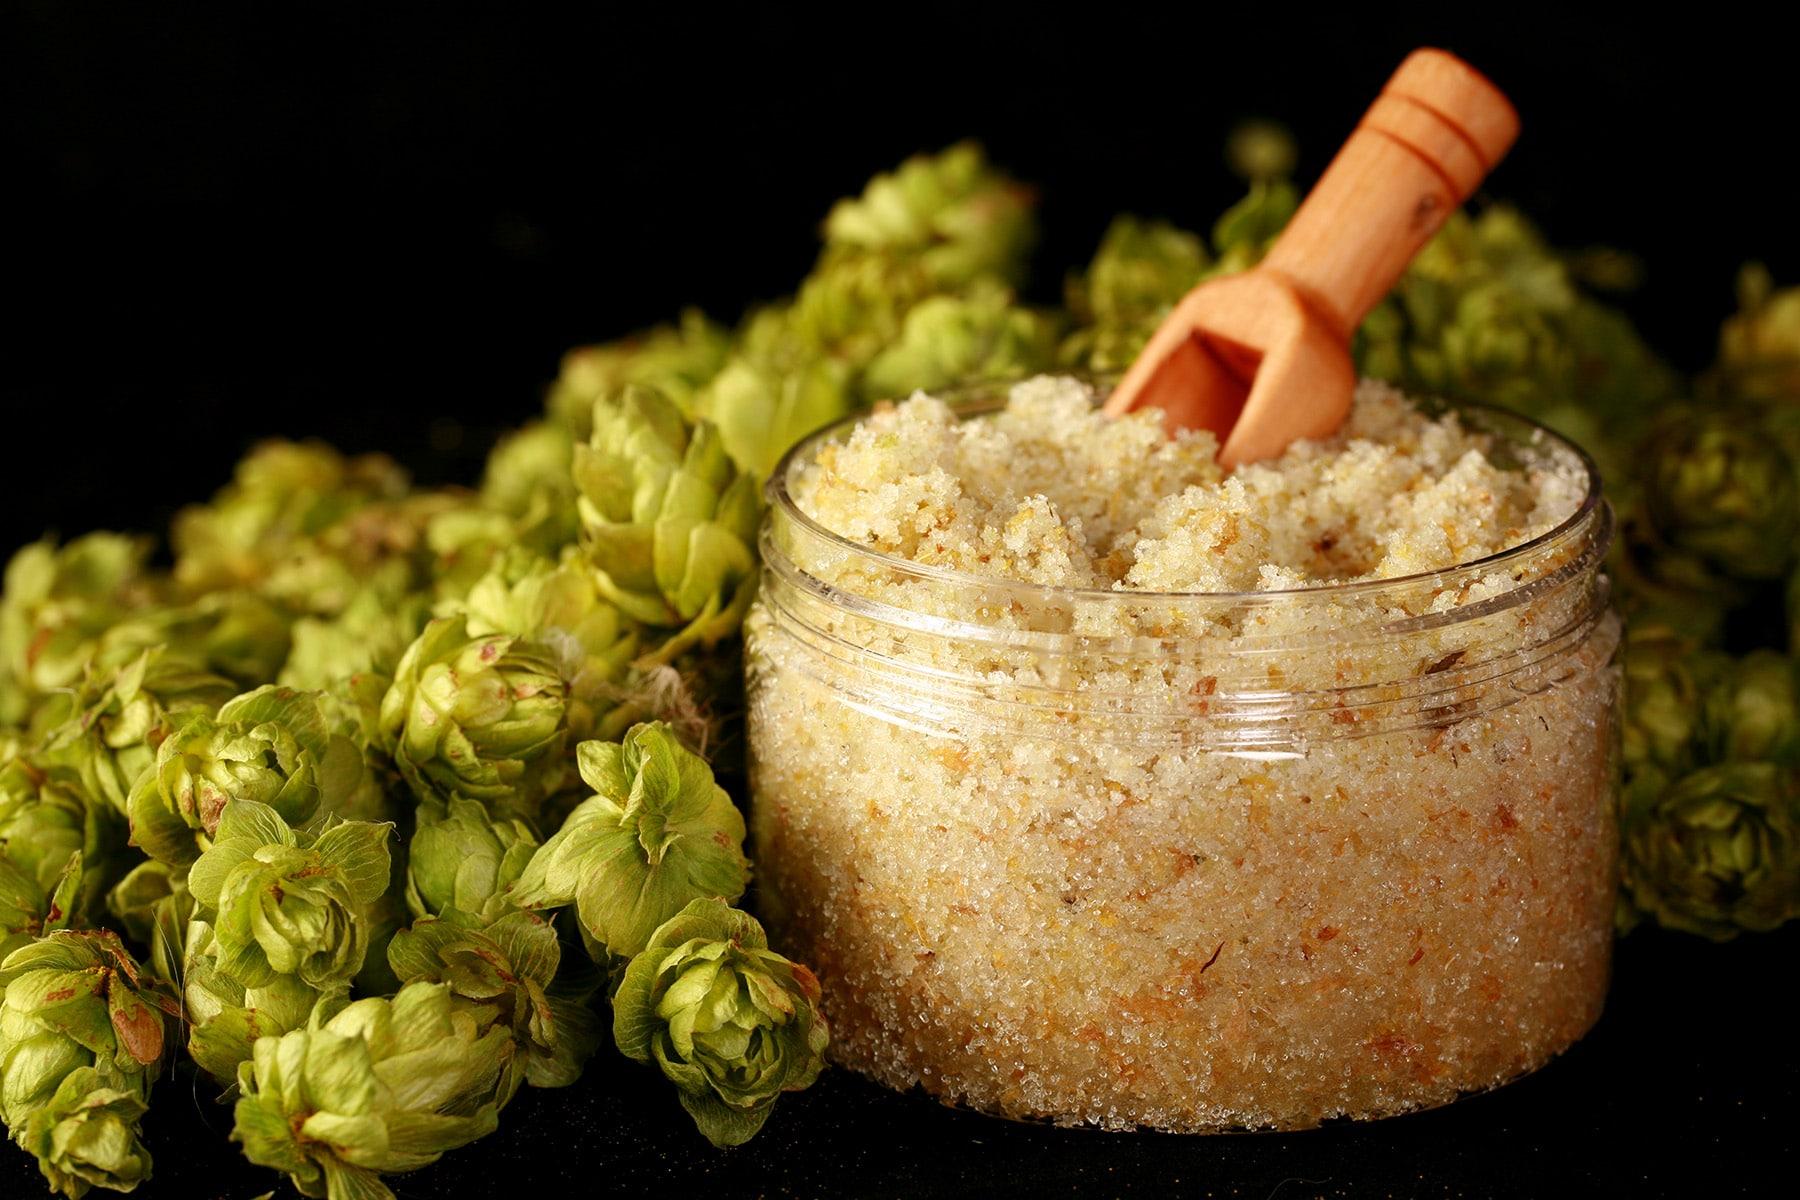 A close up photo of a jar of hopoed salt scrub.